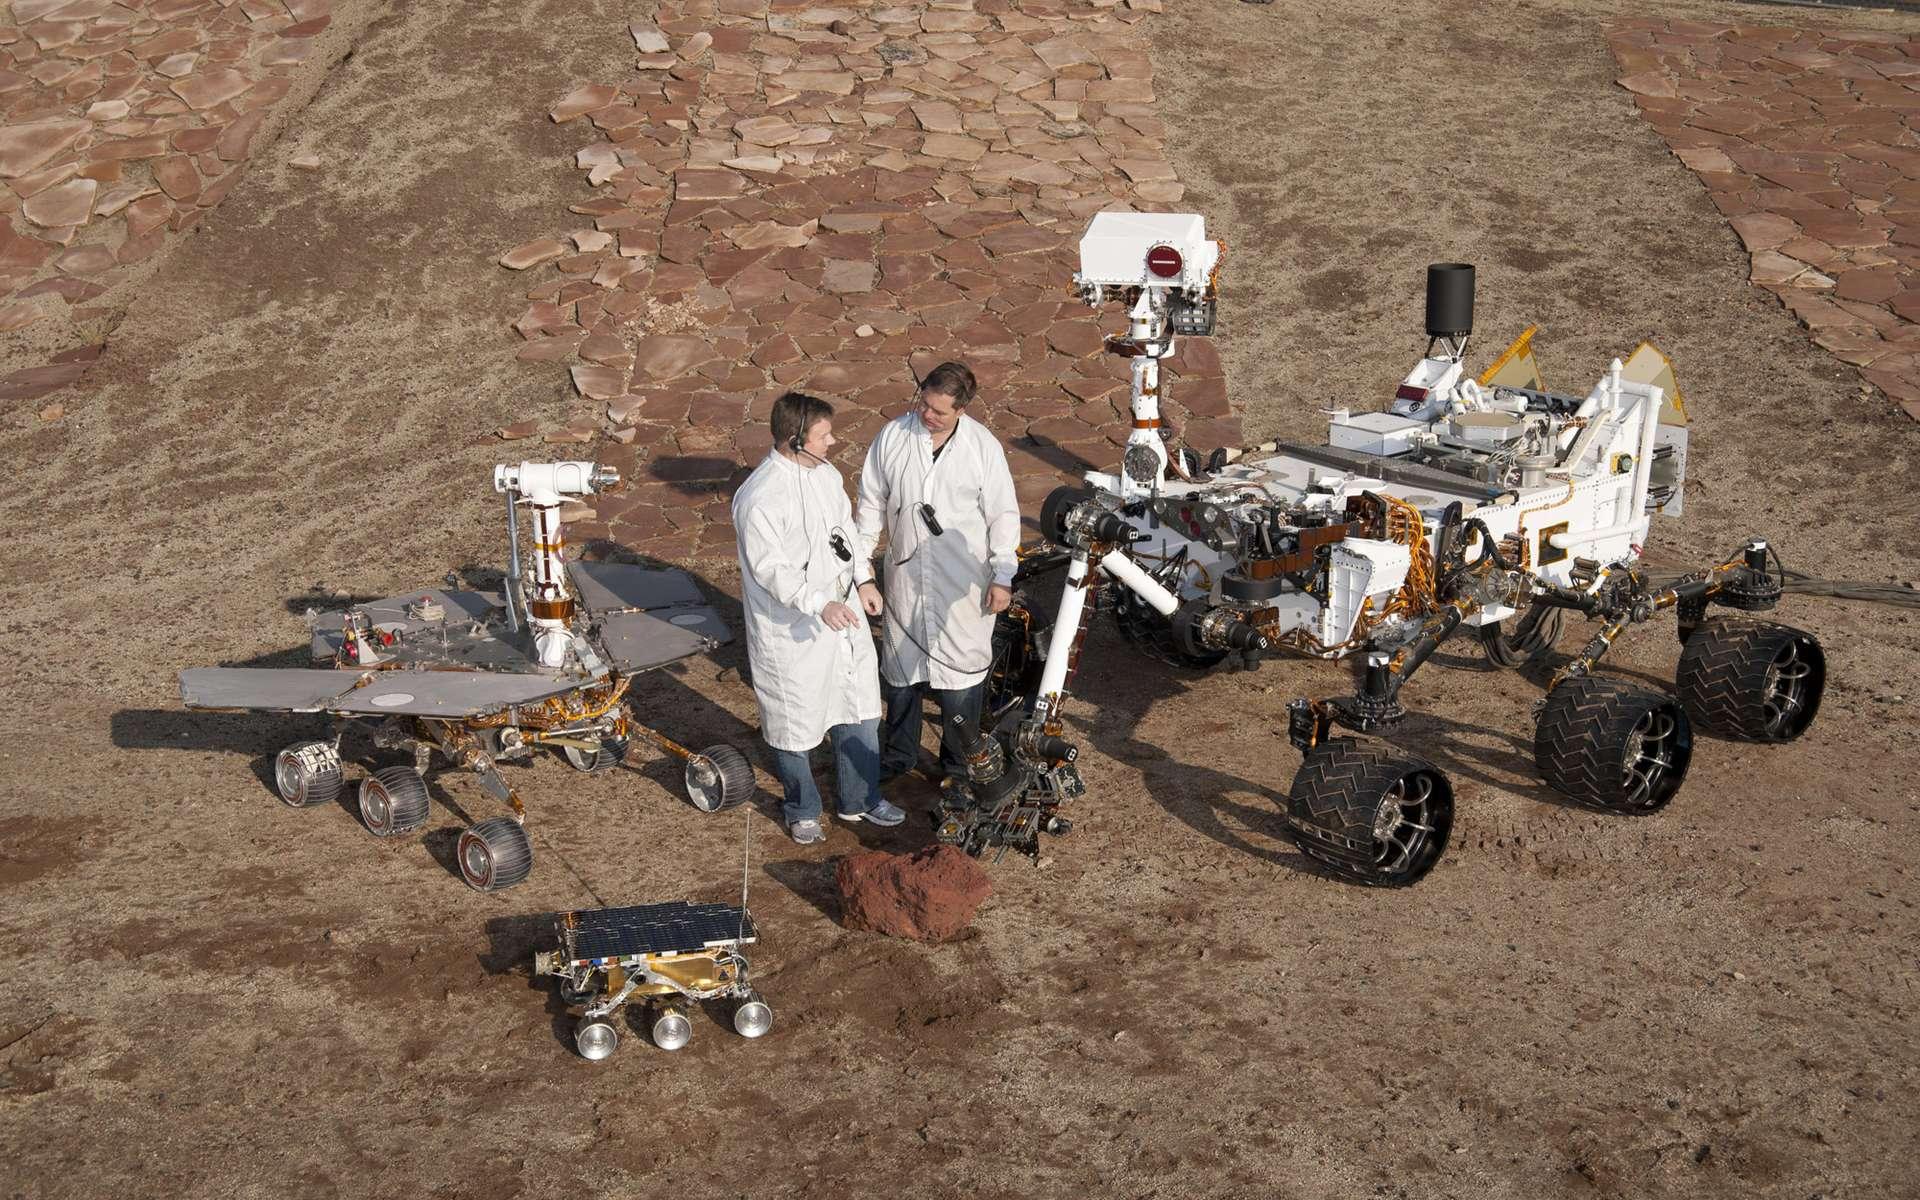 Trois générations de rovers martiens en taille réelle avec, du plus petit au plus grand, Sojourner (1997), Opportunity (2004) et Curiosity. © Nasa, JPL-Caltech